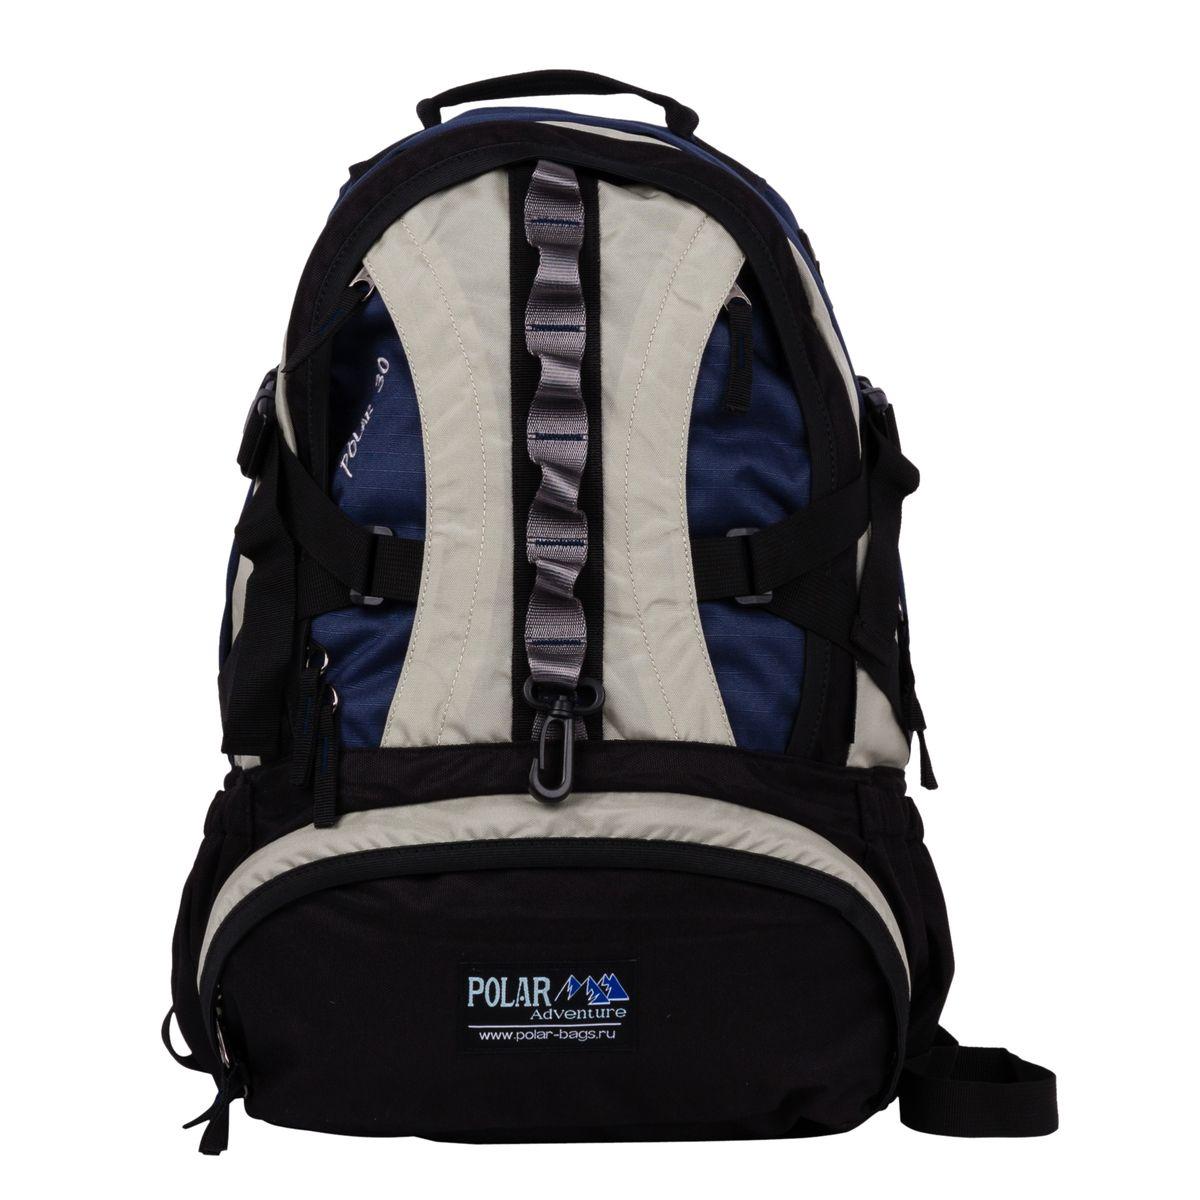 Рюкзак городской Polar, цвет: синий, 27 л. П1003-04П1003-04Городской рюкзак Polar с модным дизайном. - Полностью вентилируемая и удобная мягкая спинка, мягкие плечевые лямки создают дополнительный комфортпри ношении. - Центральный отсек для персональных вещей и документов A4 на двухсторонних молниях для удобства. - Маленький карман для mp3, CD плеера. - Два боковых кармана под бутылки с водой на резинке.- Регулирующая грудная стяжка с удобным фиксатором.- Регулирующий поясной ремень, удерживает плотно рюкзак на спине, что очень удобно при езде на велосипеде или продолжительных походах.- Большой отсек для спортивной обуви.